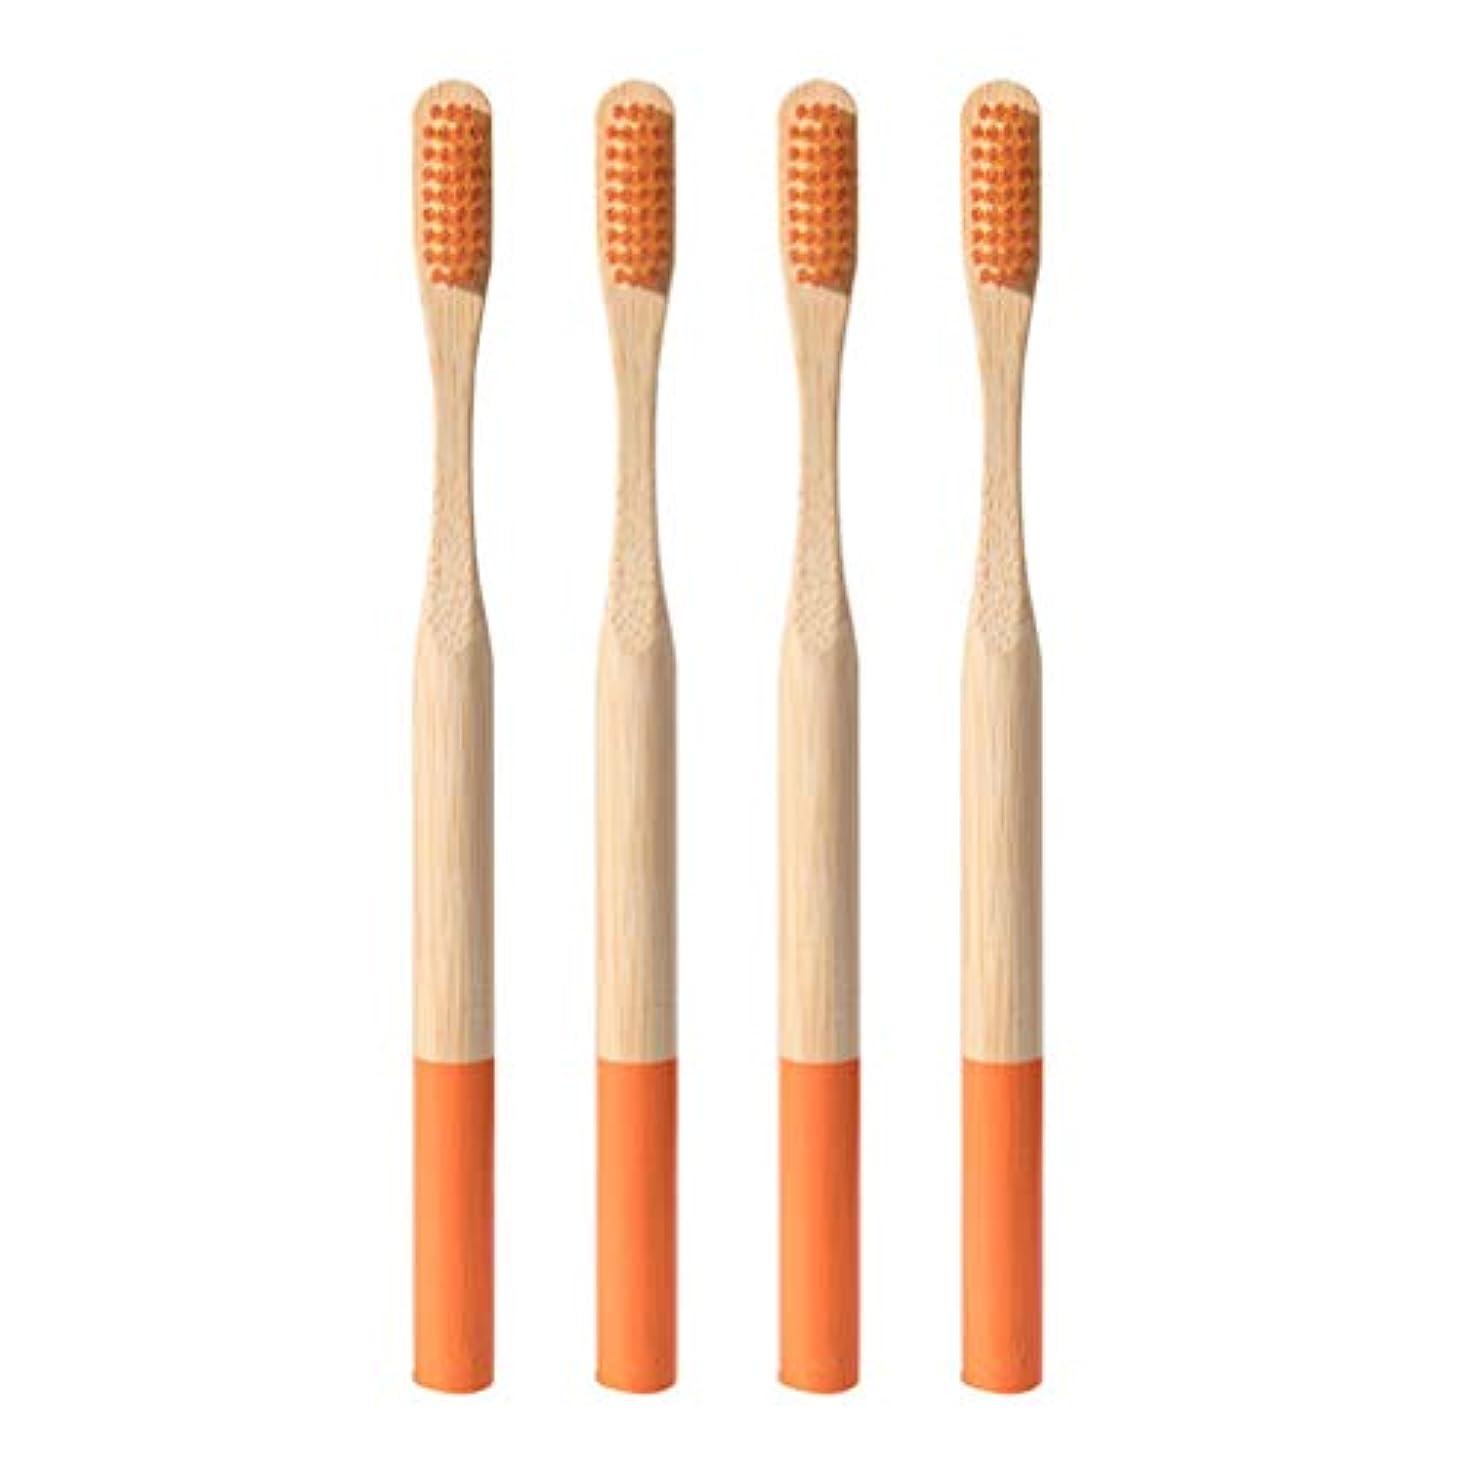 冷蔵庫ジレンマ制限されたHeallily 竹歯ブラシ4ピースソフトブリスル歯ブラシ生分解性、環境に優しいソフト歯ブラシ、大人用の細い毛を備えた抗菌歯ブラシ(オレンジ)